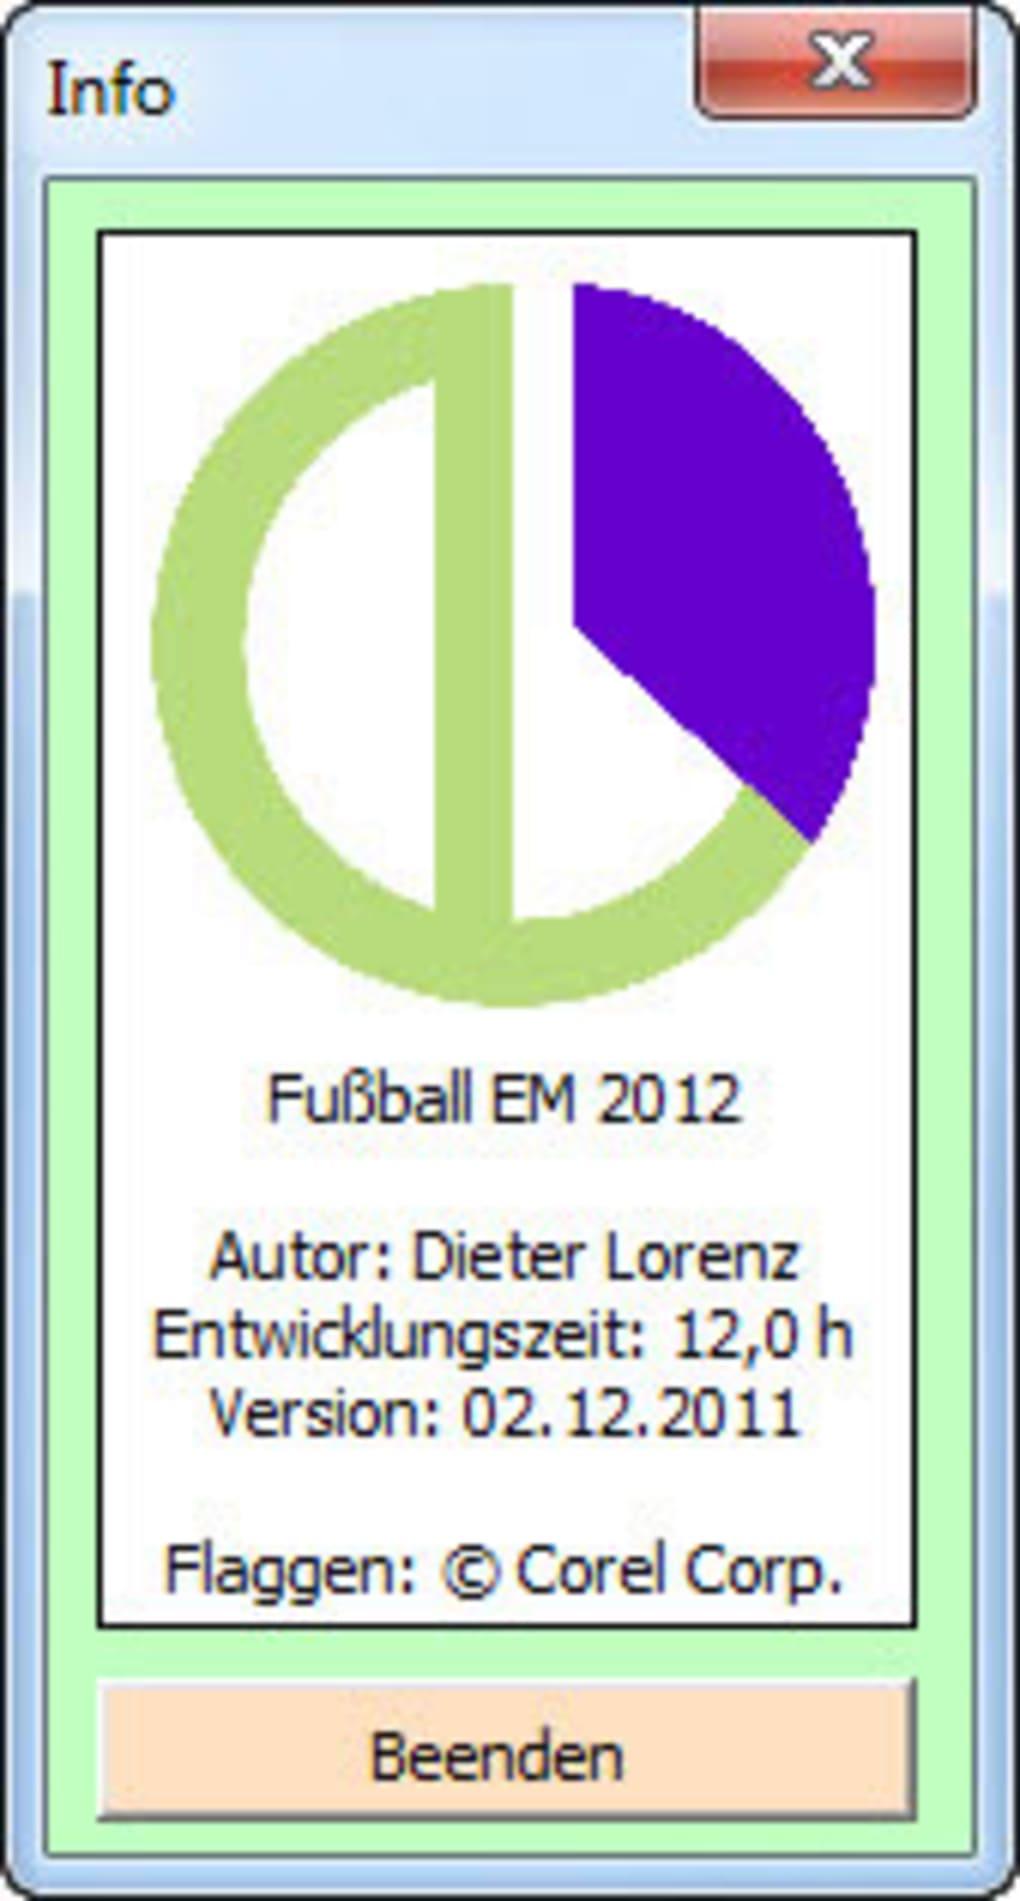 tabelle europameisterschaft fußball